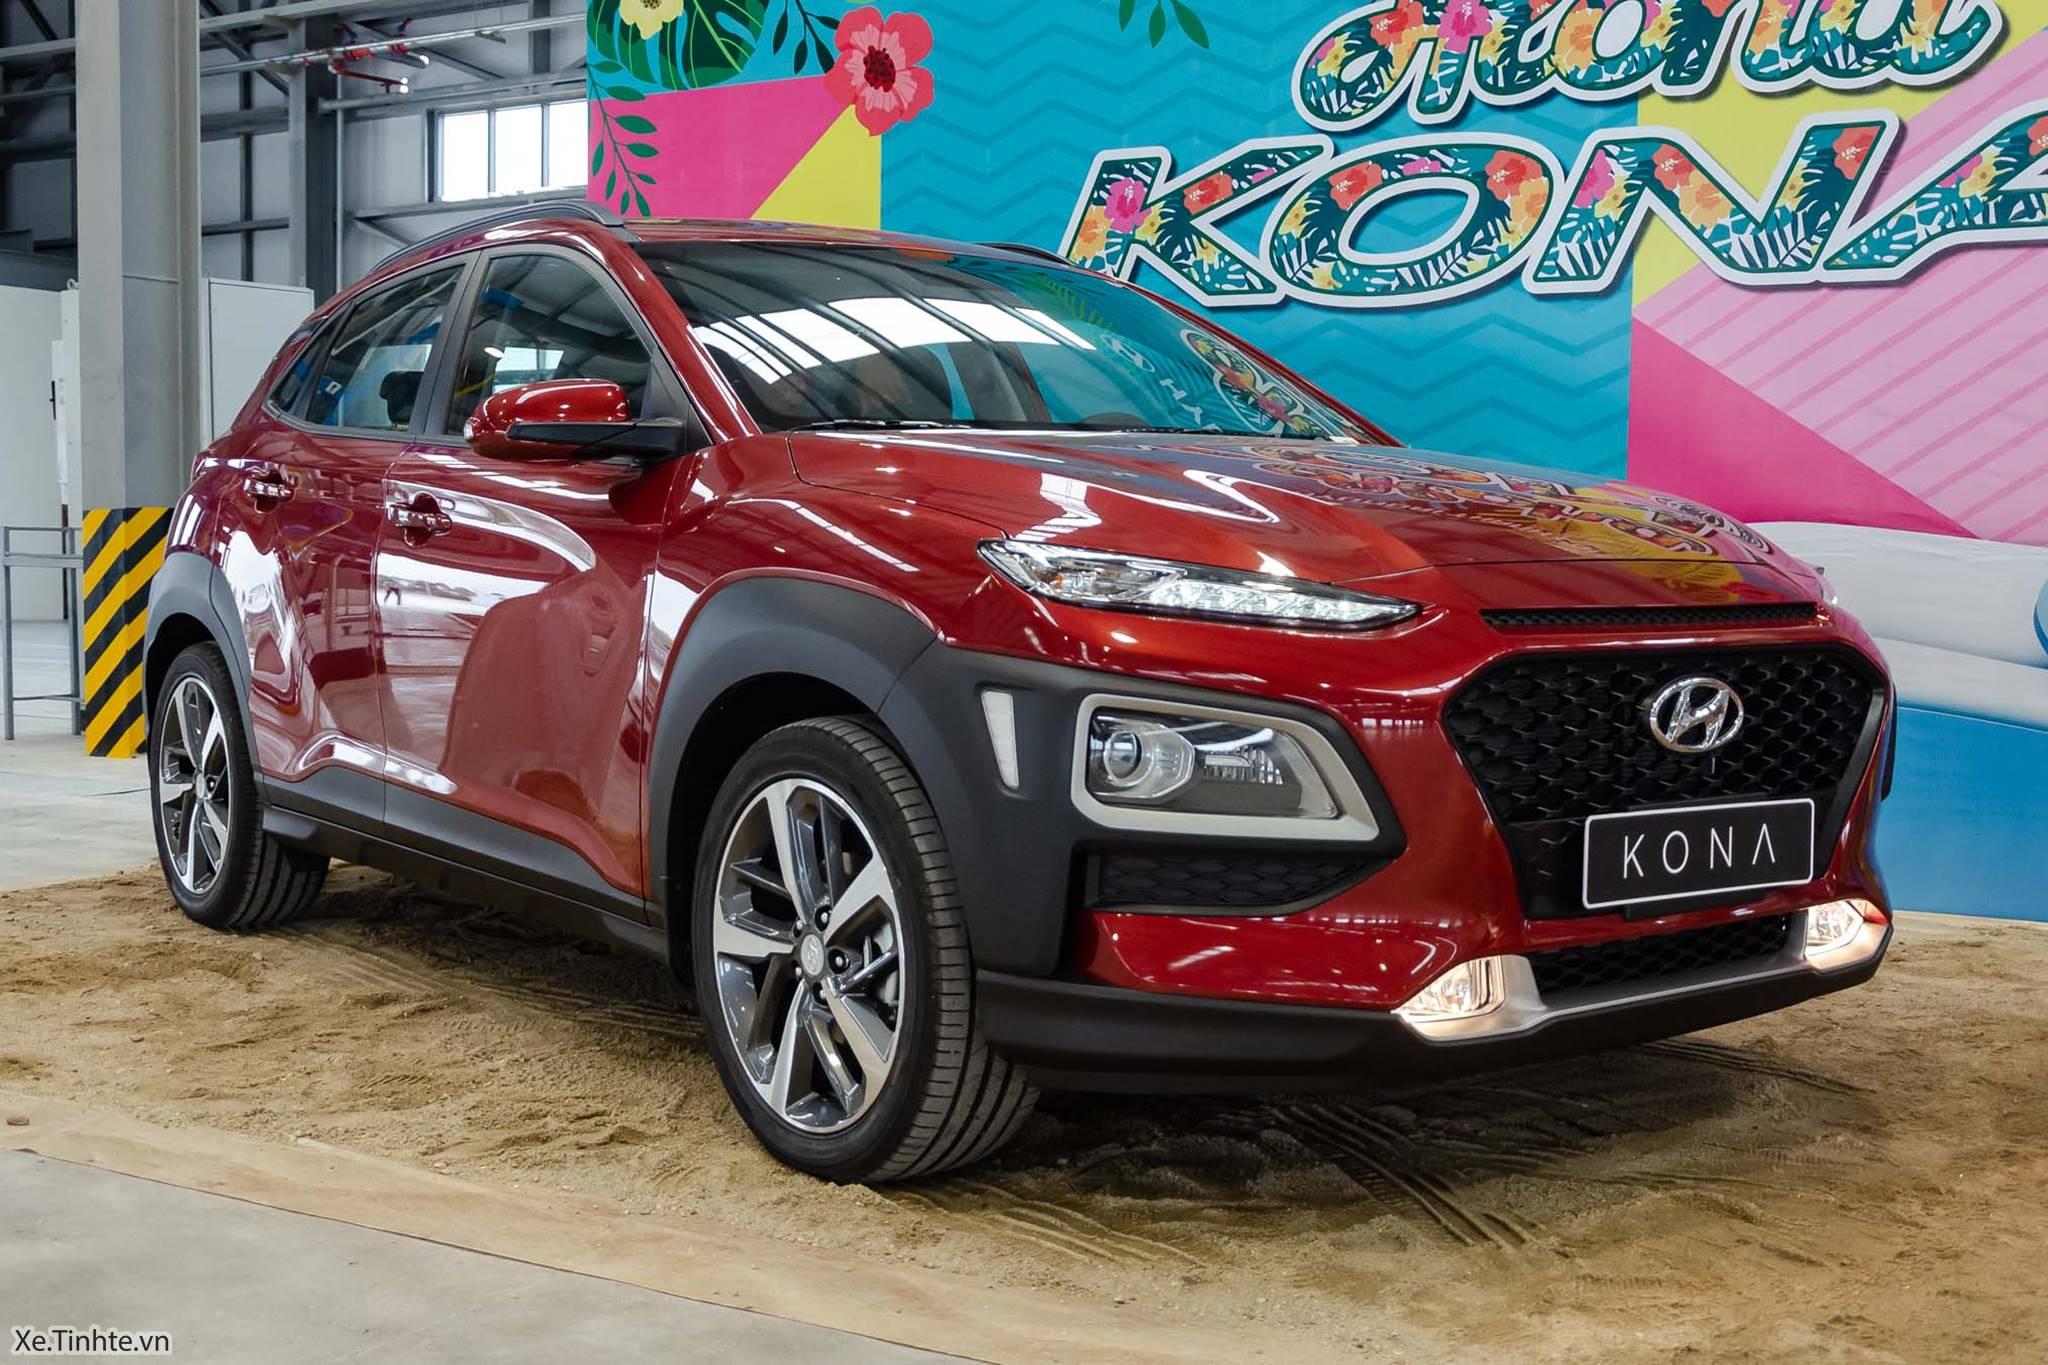 Hyundai_Kona_2018_Xe_Tinhte_DSC_6709.jpg